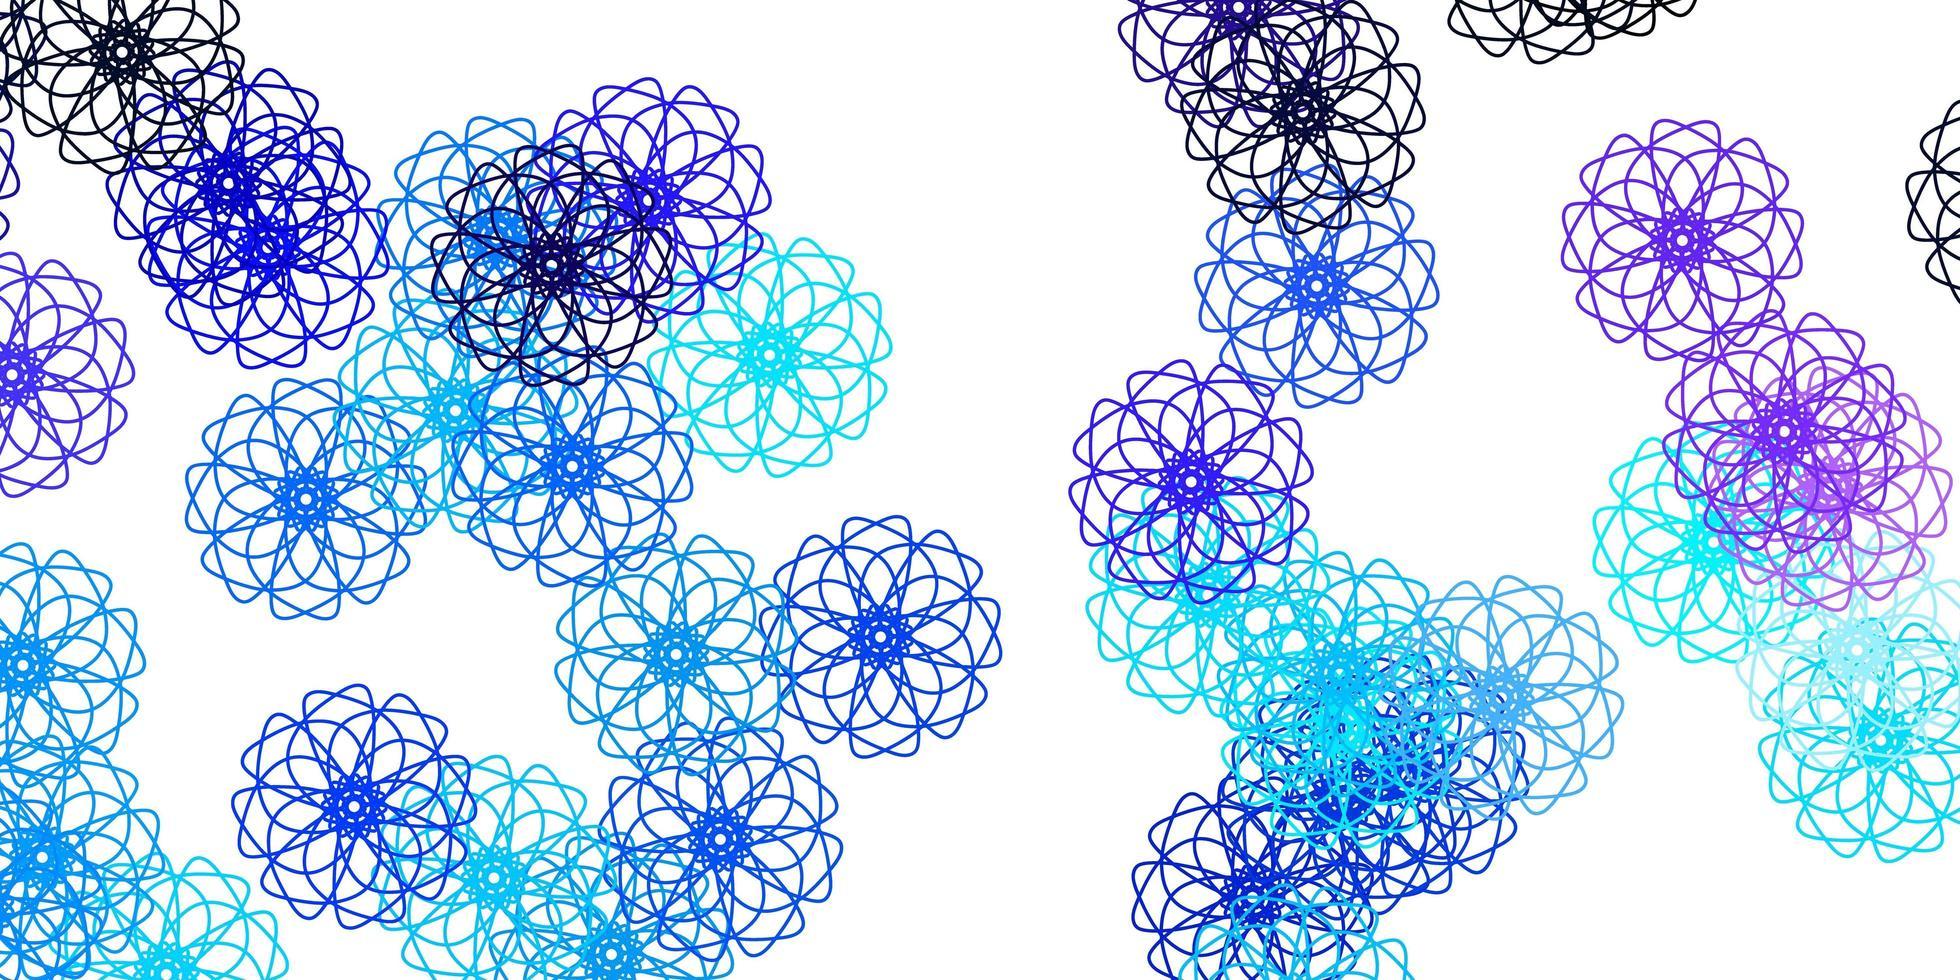 ilustraciones naturales vectoriales de color rosa claro, azul con flores. vector